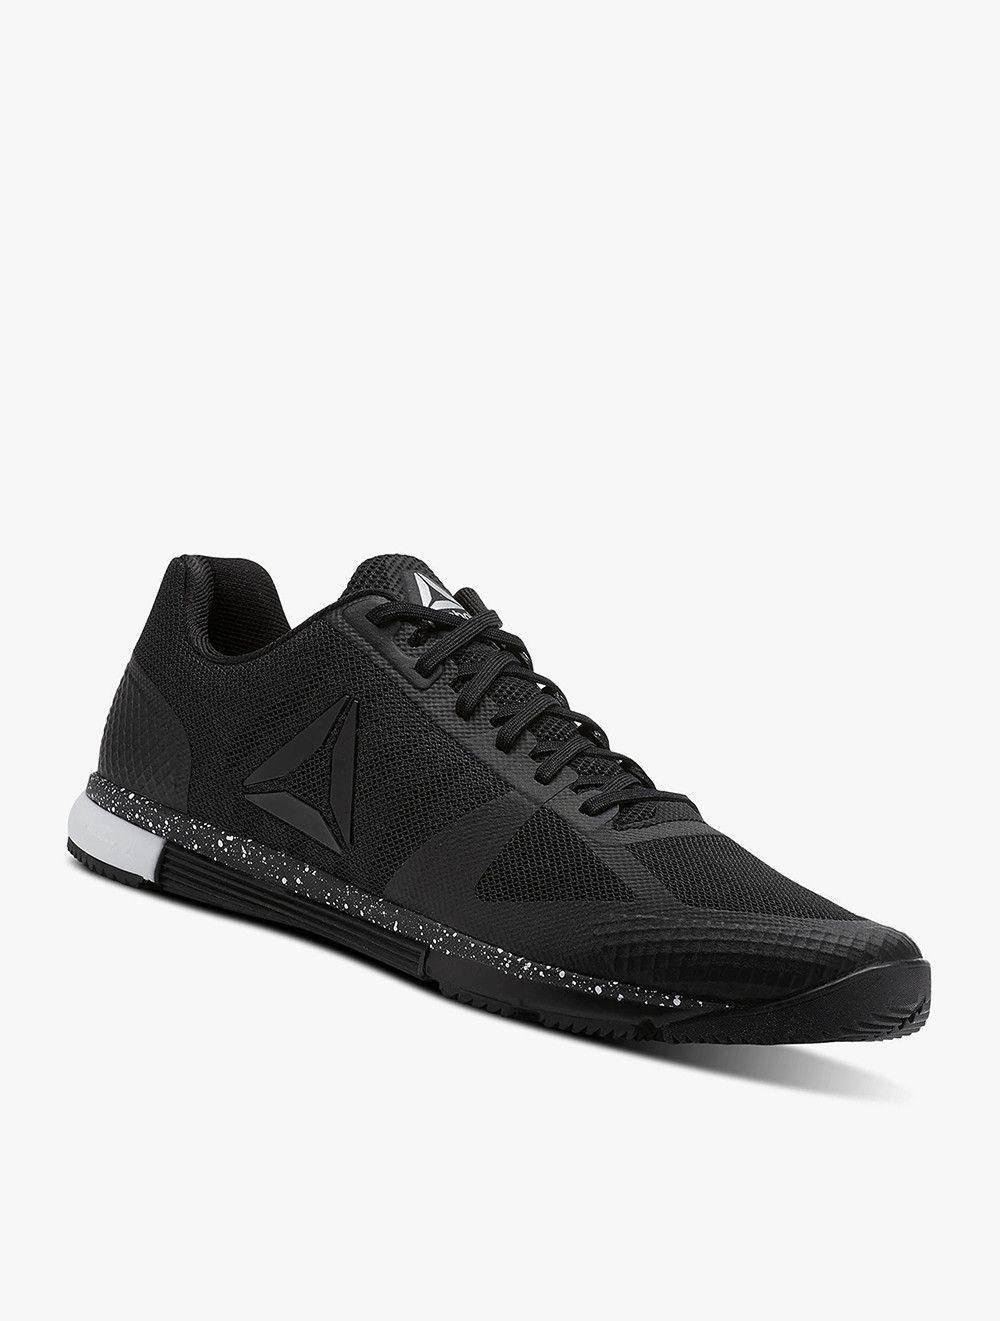 Crossfit Speed Tr 2 0 Men S Training Shoes Sepatu Pria